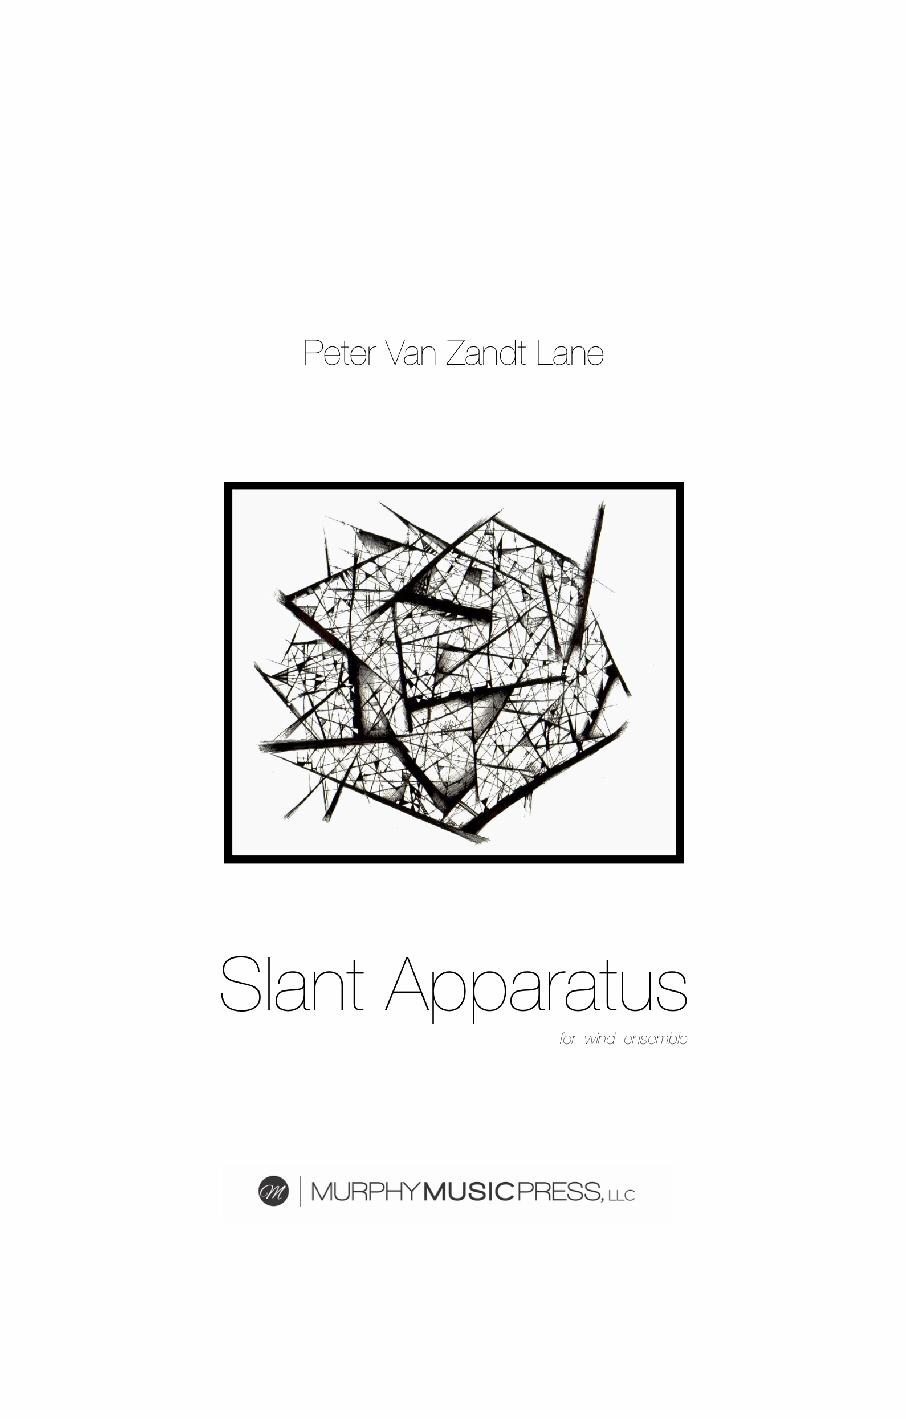 Slant Apparatus  by Pete Van Zandt Lane